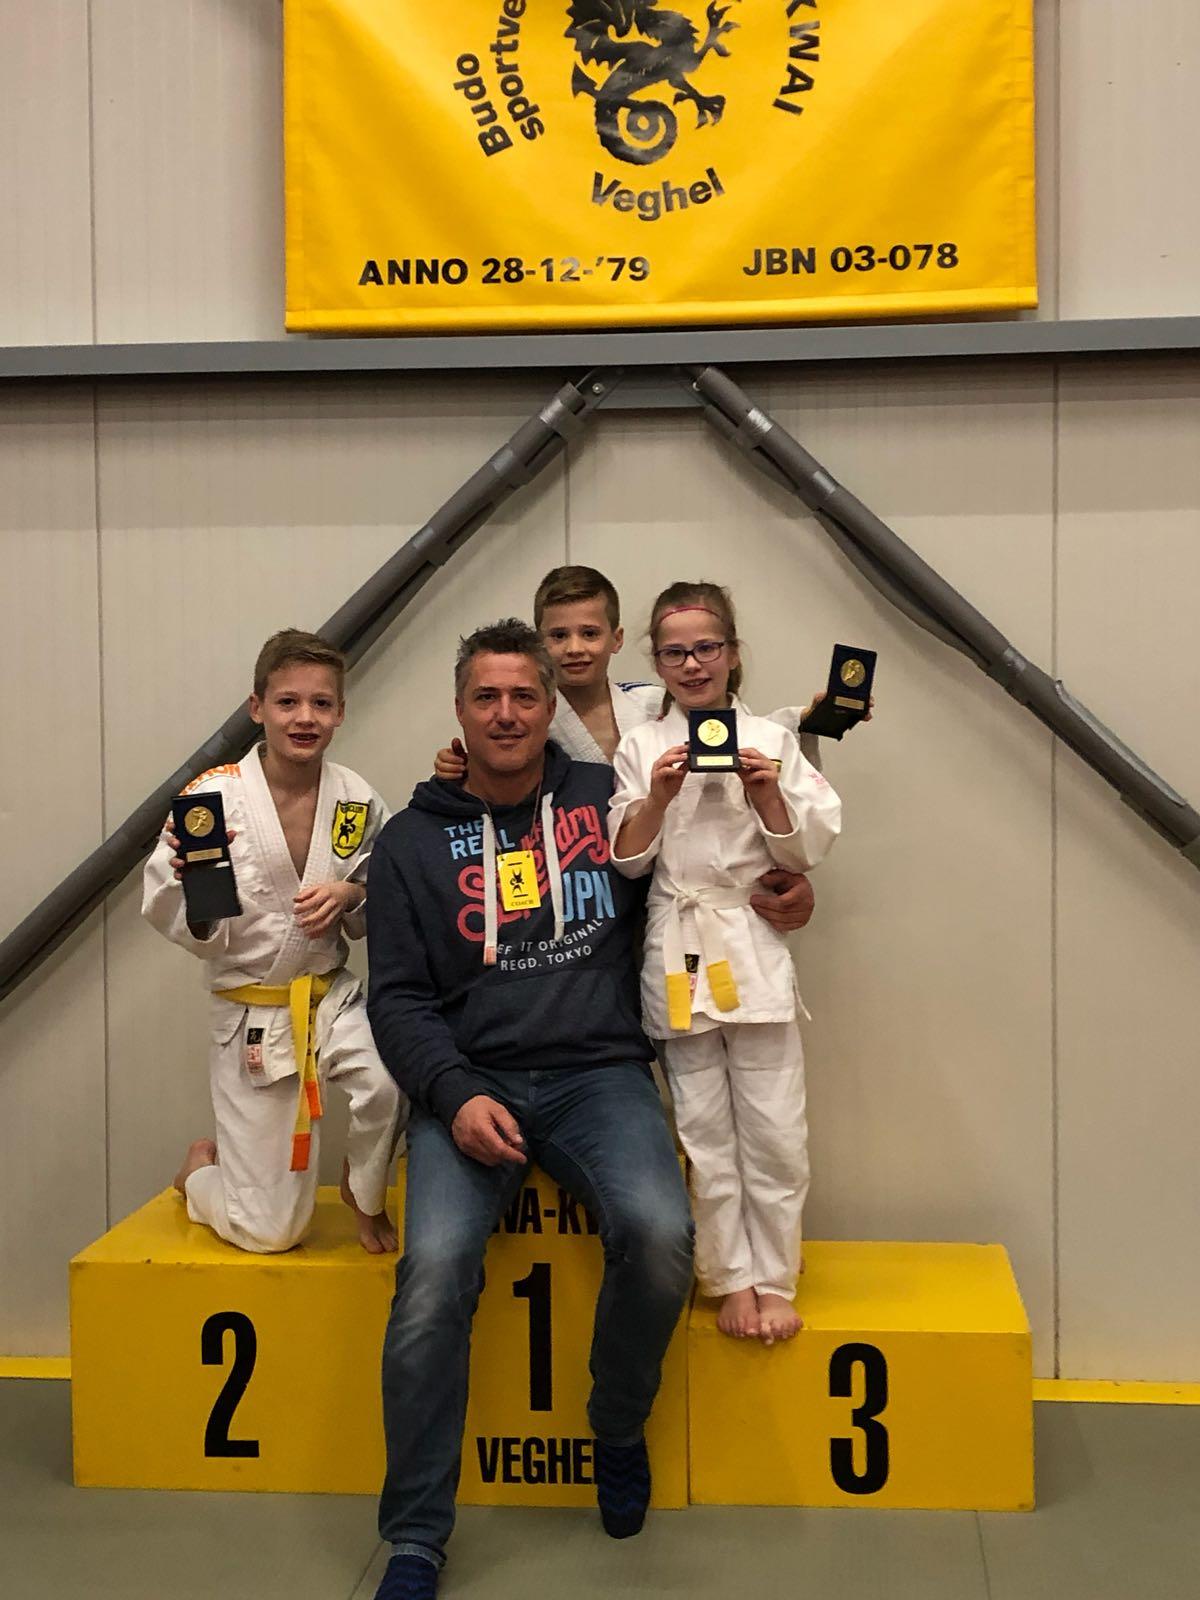 Budoclub Schijndel, Judo, Veghel